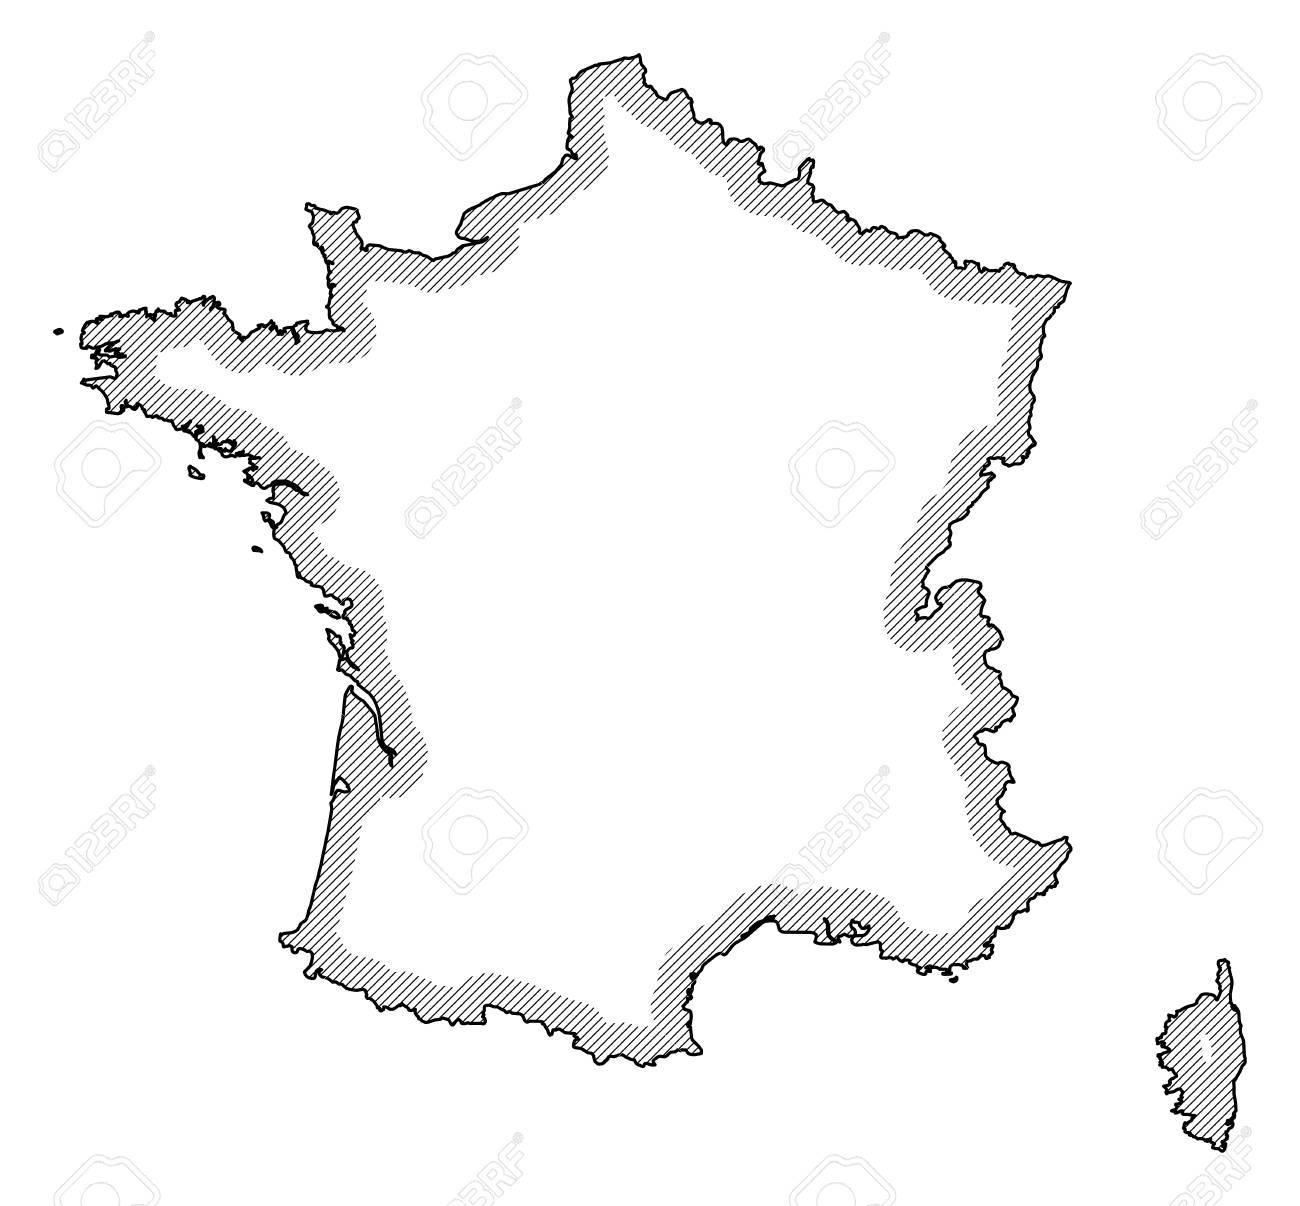 Cartina Della Francia In Bianco E Nero.Mappa Della Francia In Bianco E Nero La Francia E Evidenziato Da Un Tratteggio